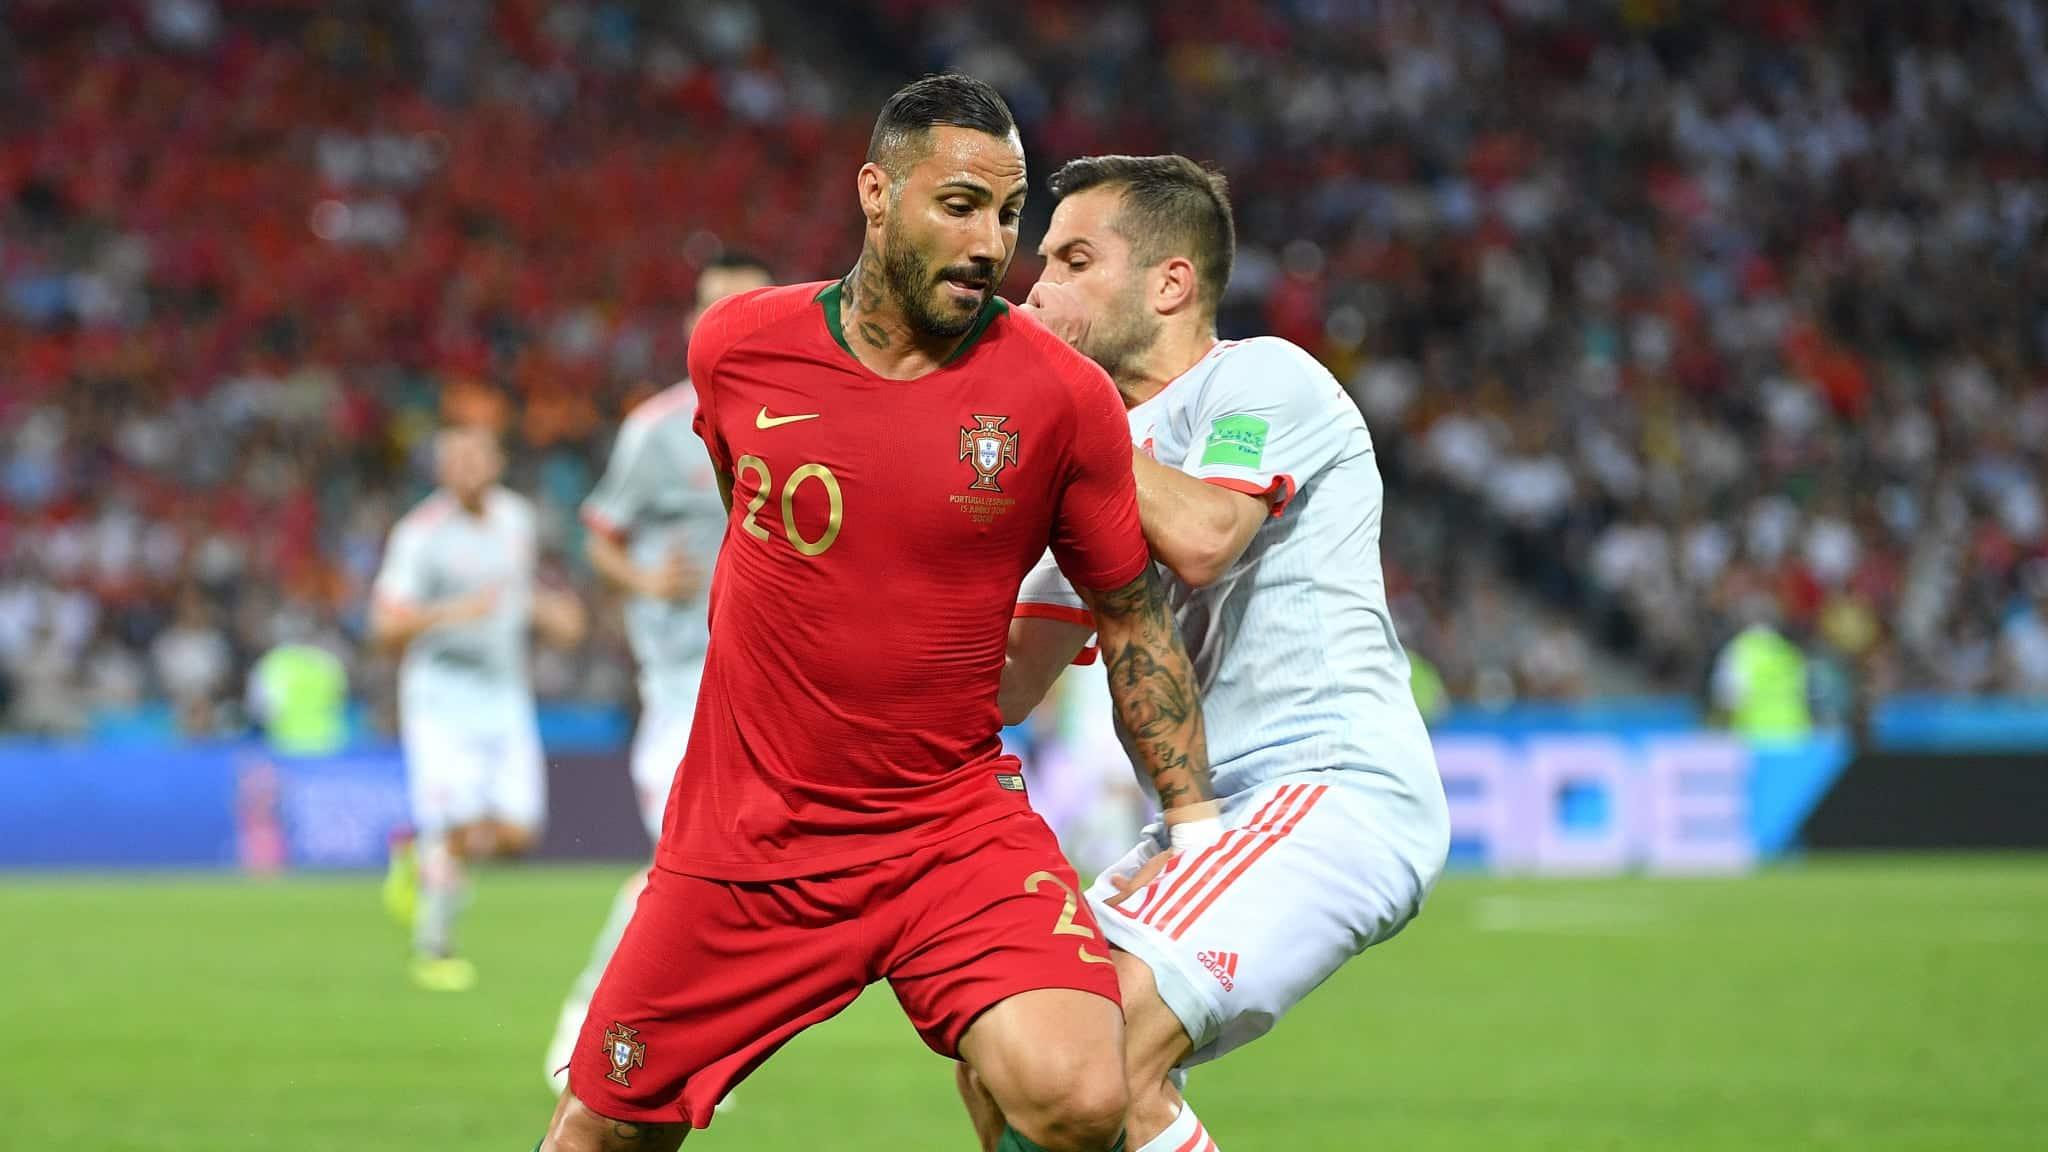 Футбол матч Португалия Испания: результативная ничья - 3:3